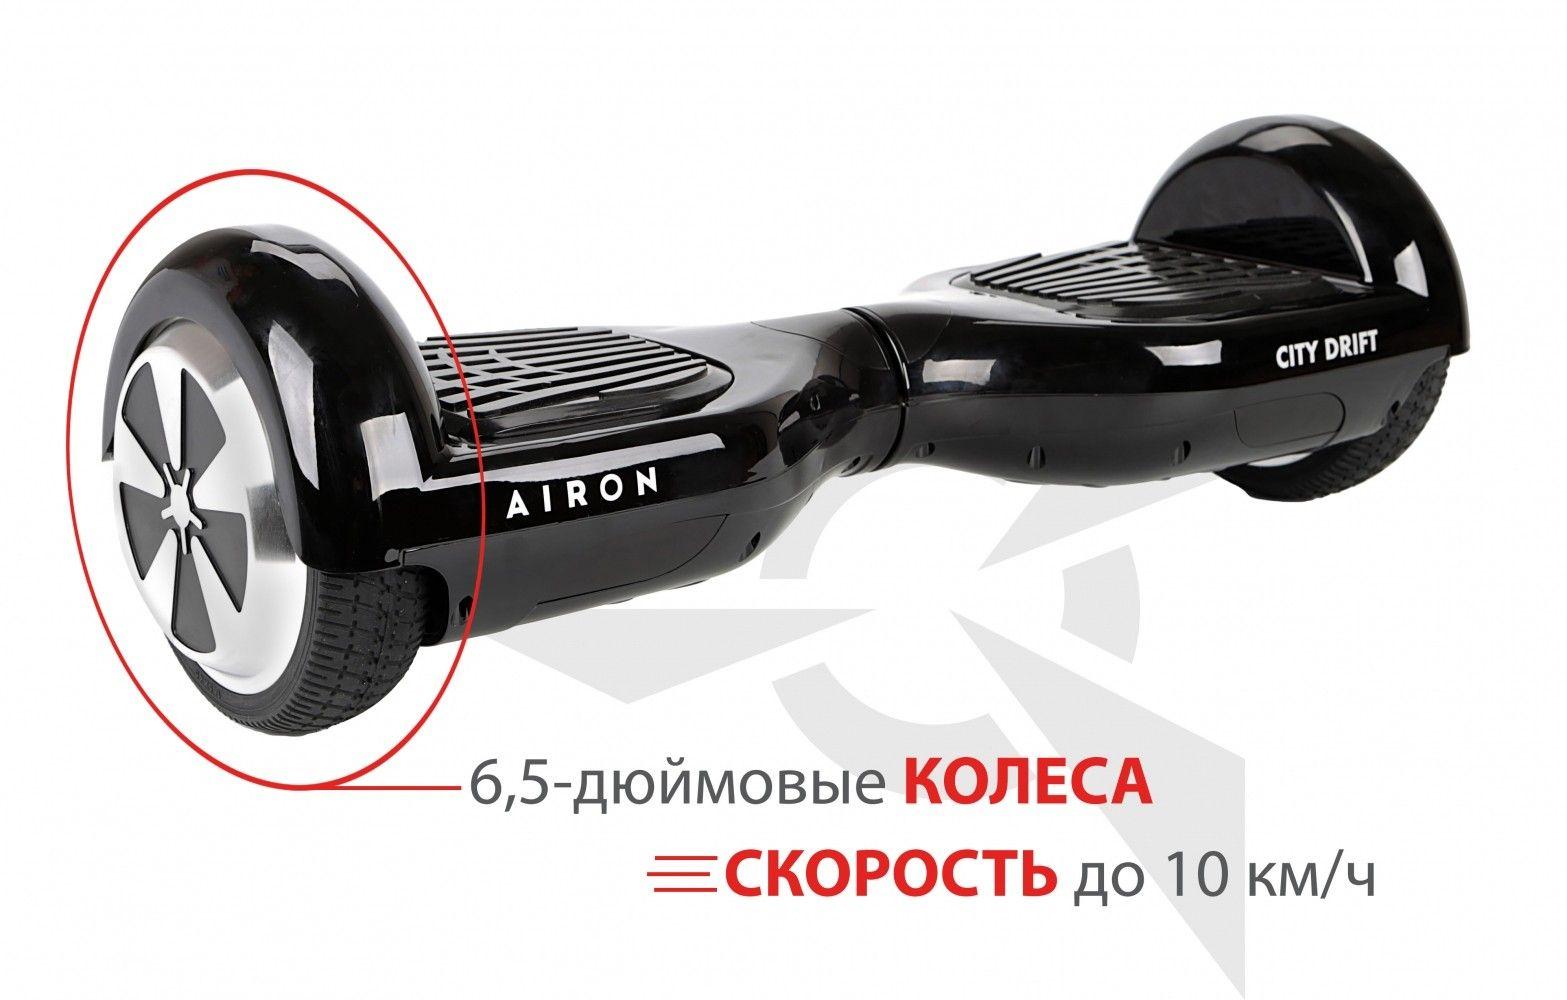 """Гироборд AIRON City Drift 6,5"""" Black - 1"""